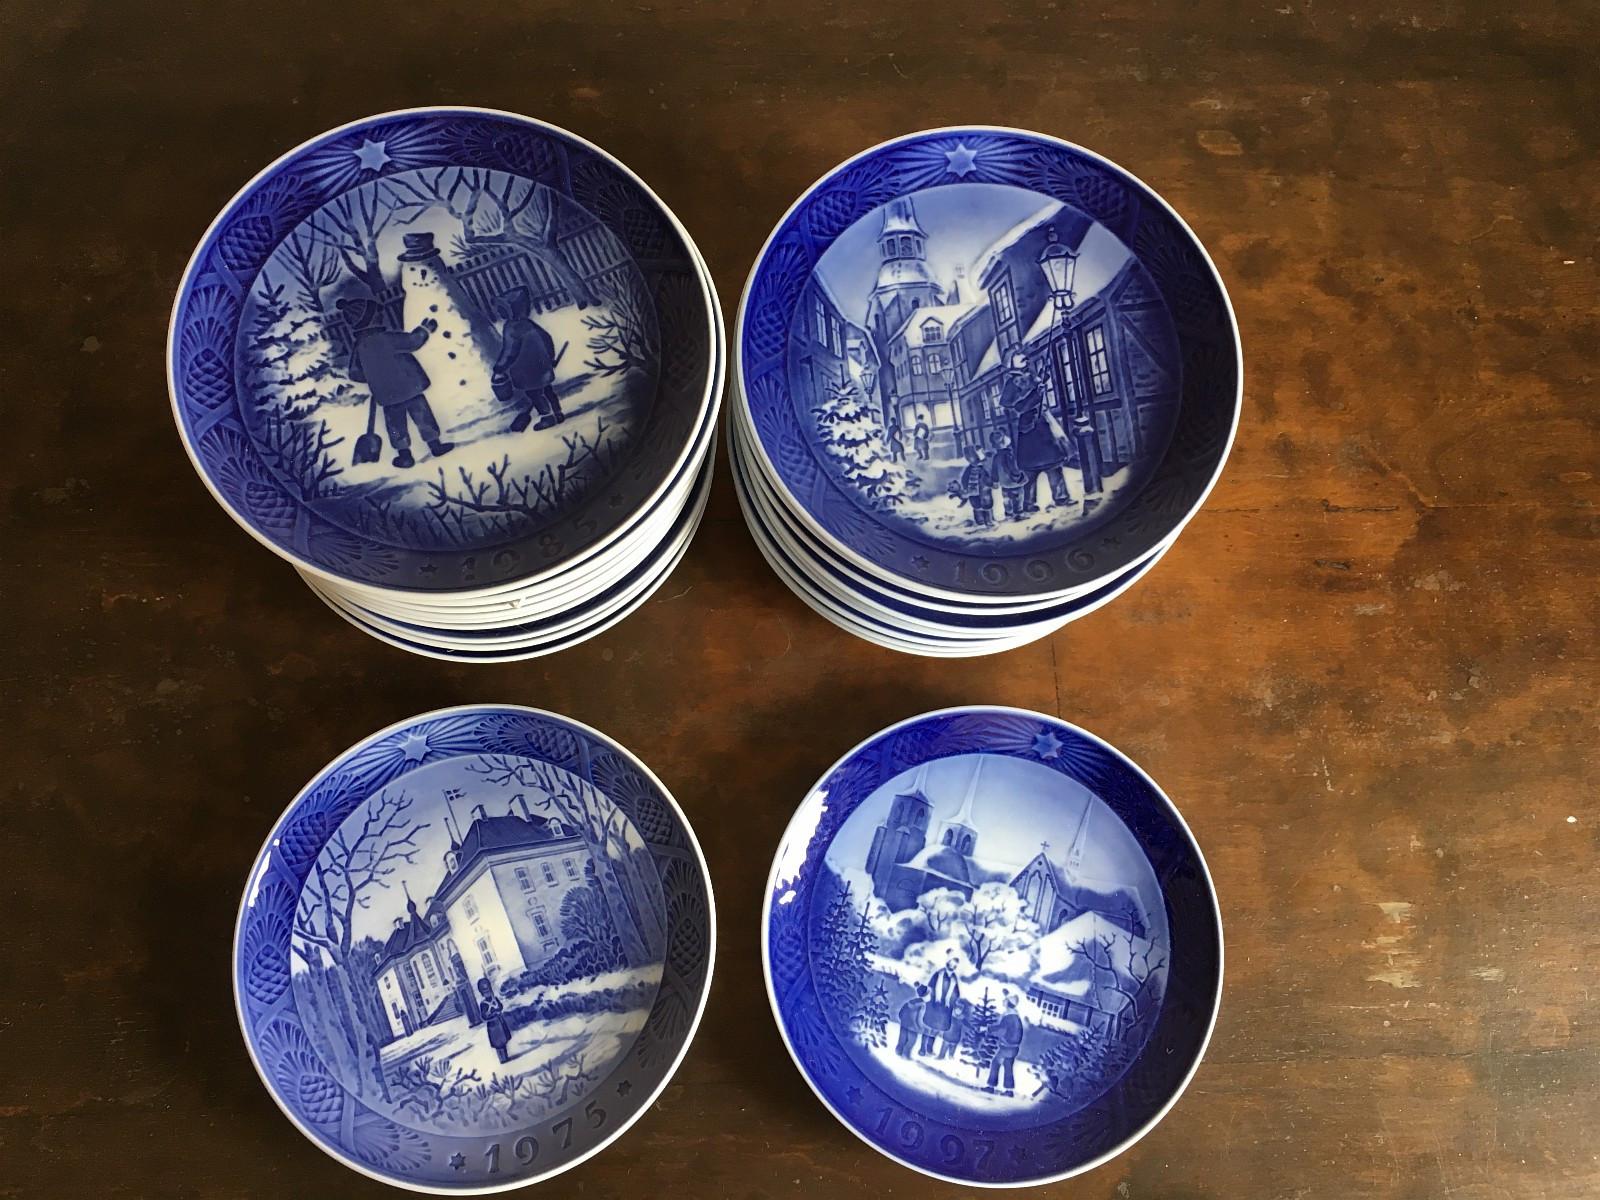 Royal Copenhagen juleplatter-ny pris - Molde  - Ny pris. 22 styk Royal Copenhagen juleplatter samlet fra 1975 til 1997. Plattene kan også ev. besiktiges og overleveres i Trondheim eller Oslo i løpet av sommeren. - Molde